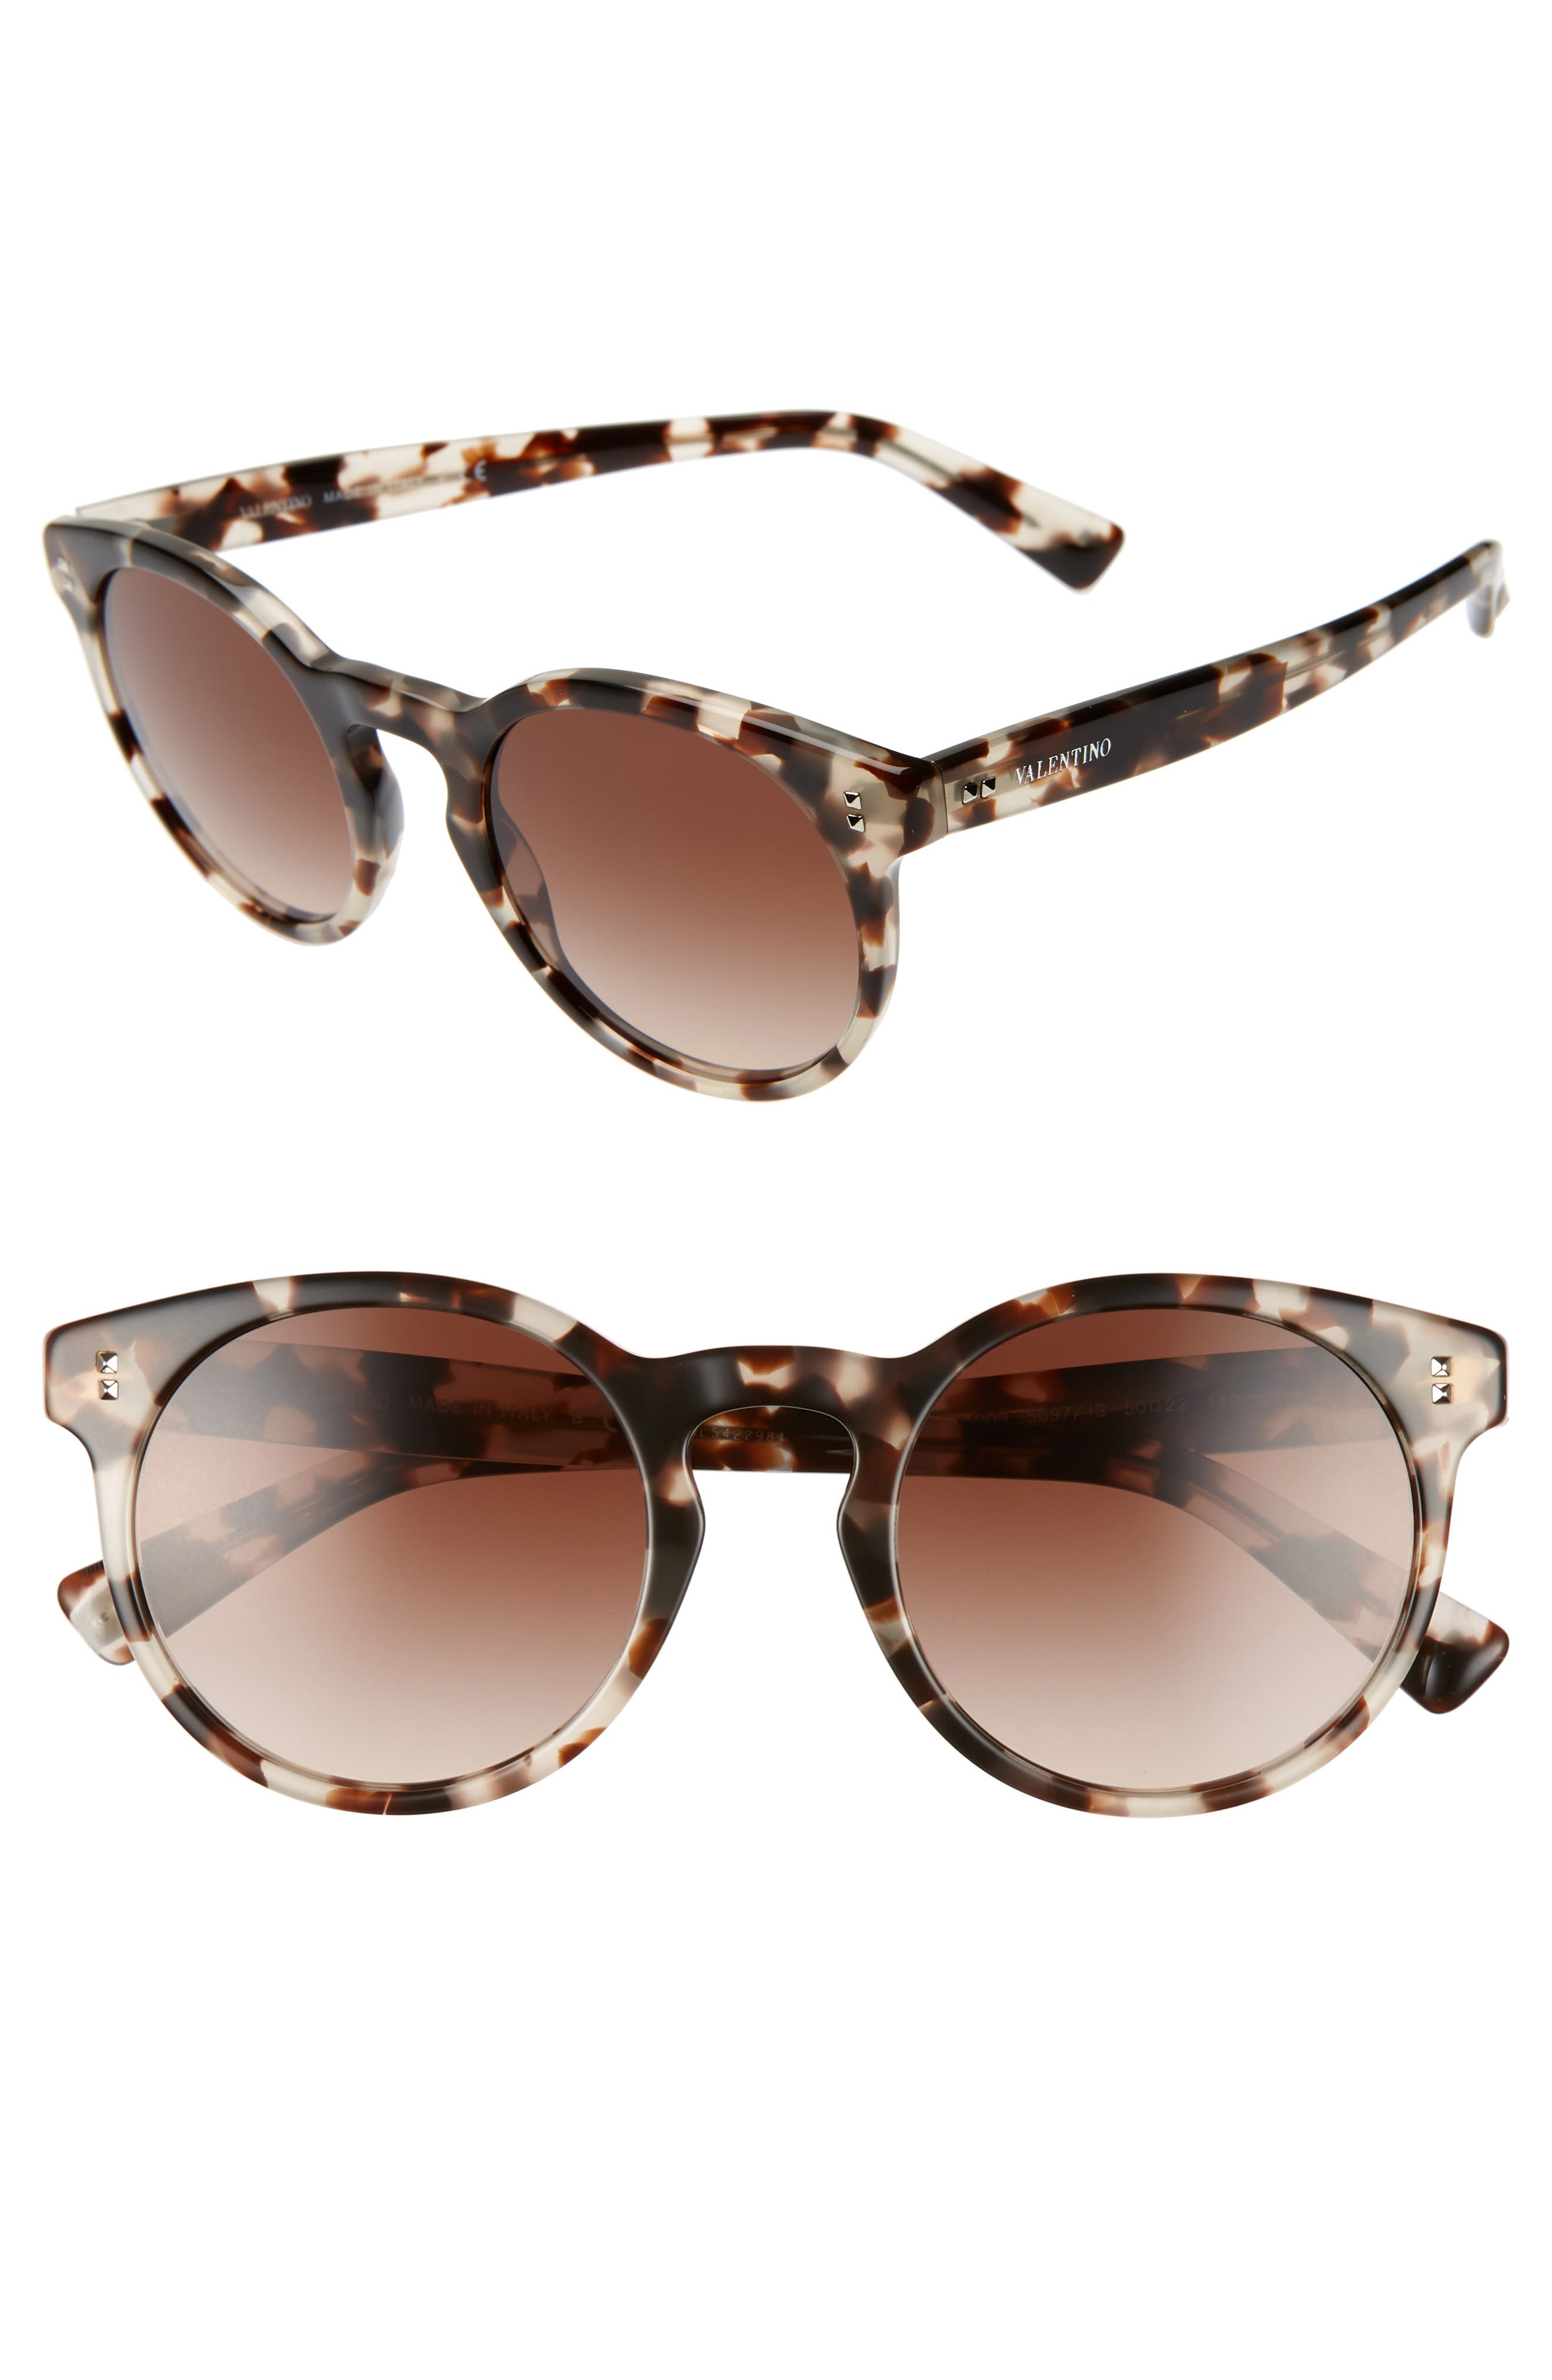 50mm Retro Sunglasses,                             Main thumbnail 1, color,                             BEIGE TORTOISE/ BROWN GRADIENT